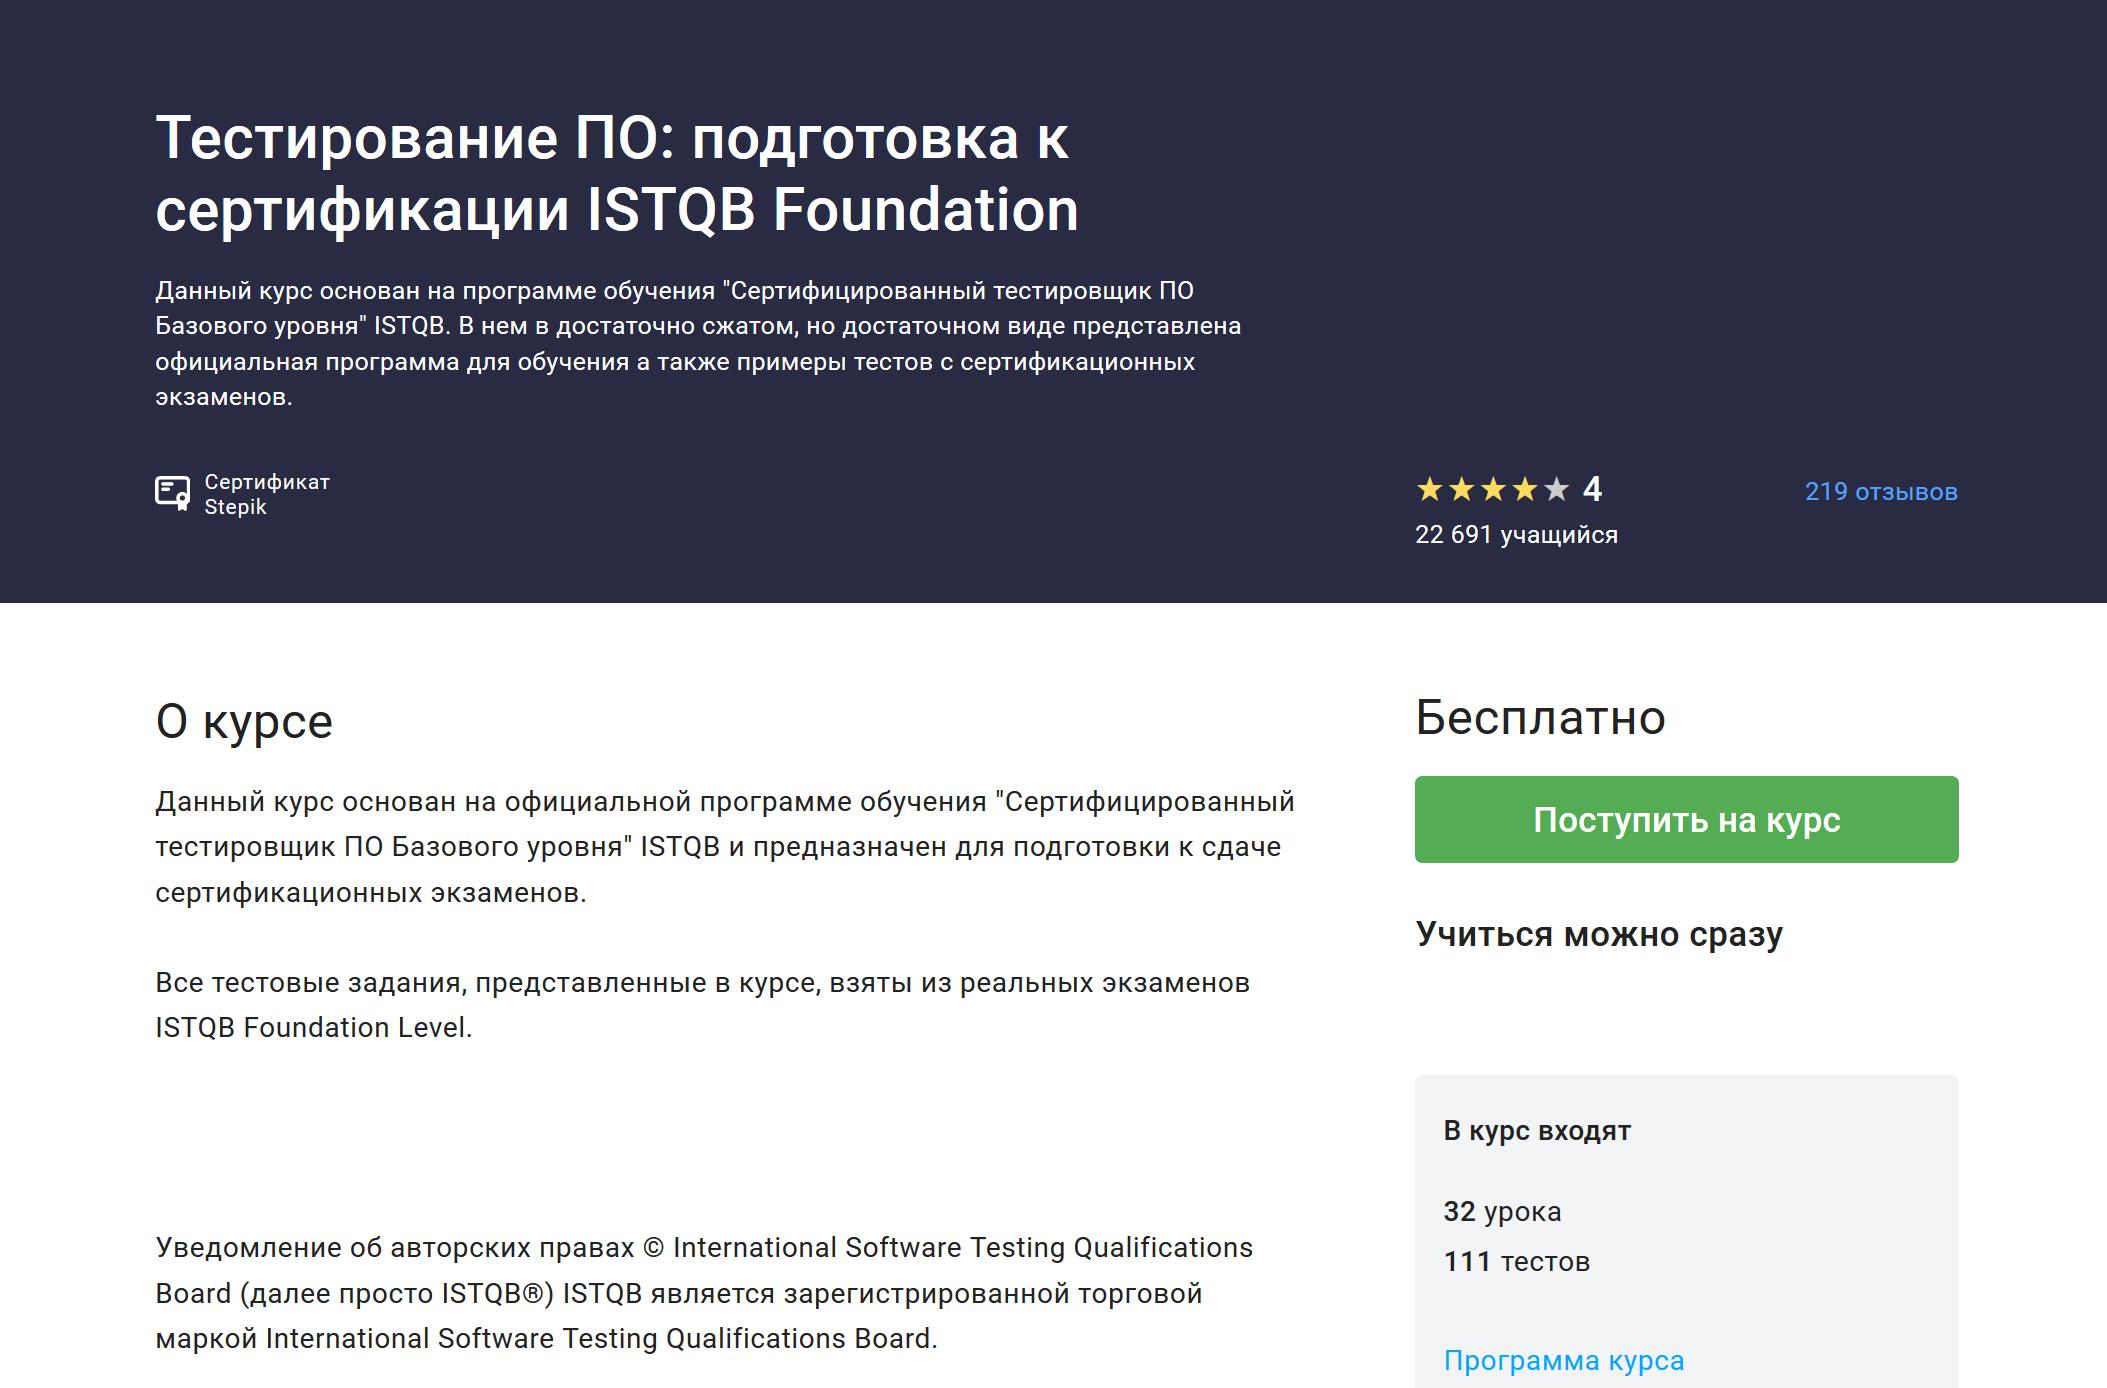 Тестирование ПО: подготовка к сертификации ISTBQ FOUNDATION